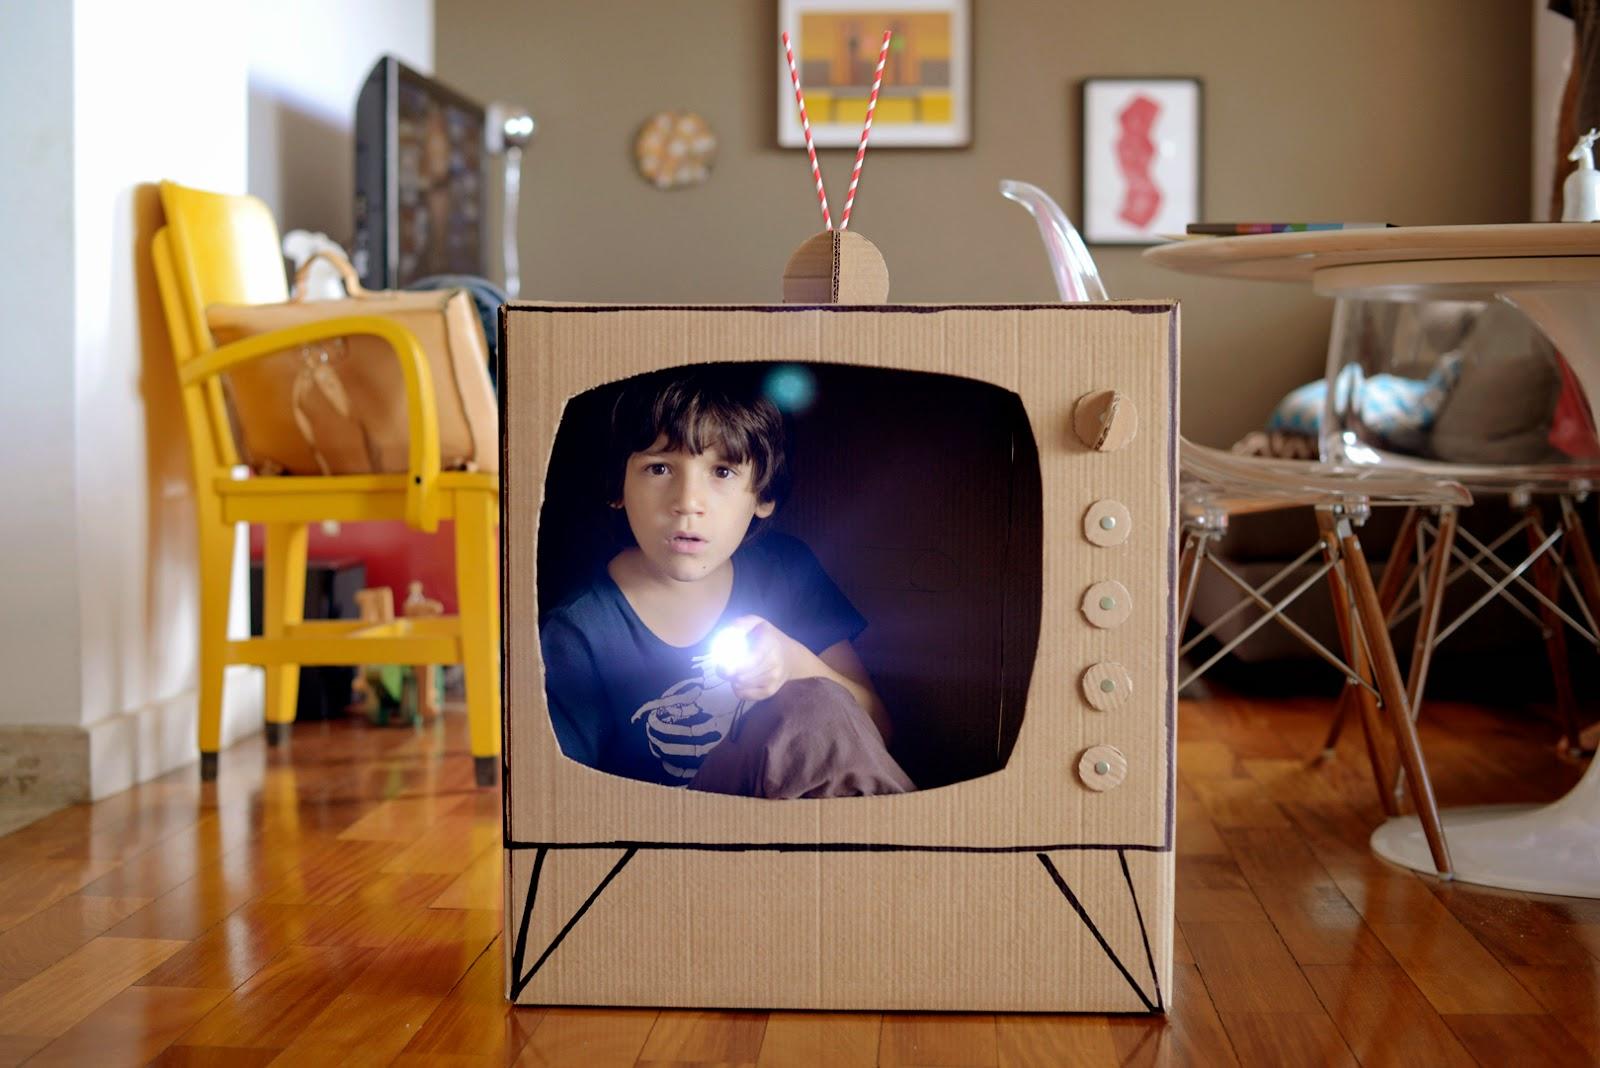 Что и как можно сделать из старого телевизора? Когда умелые руки лучше